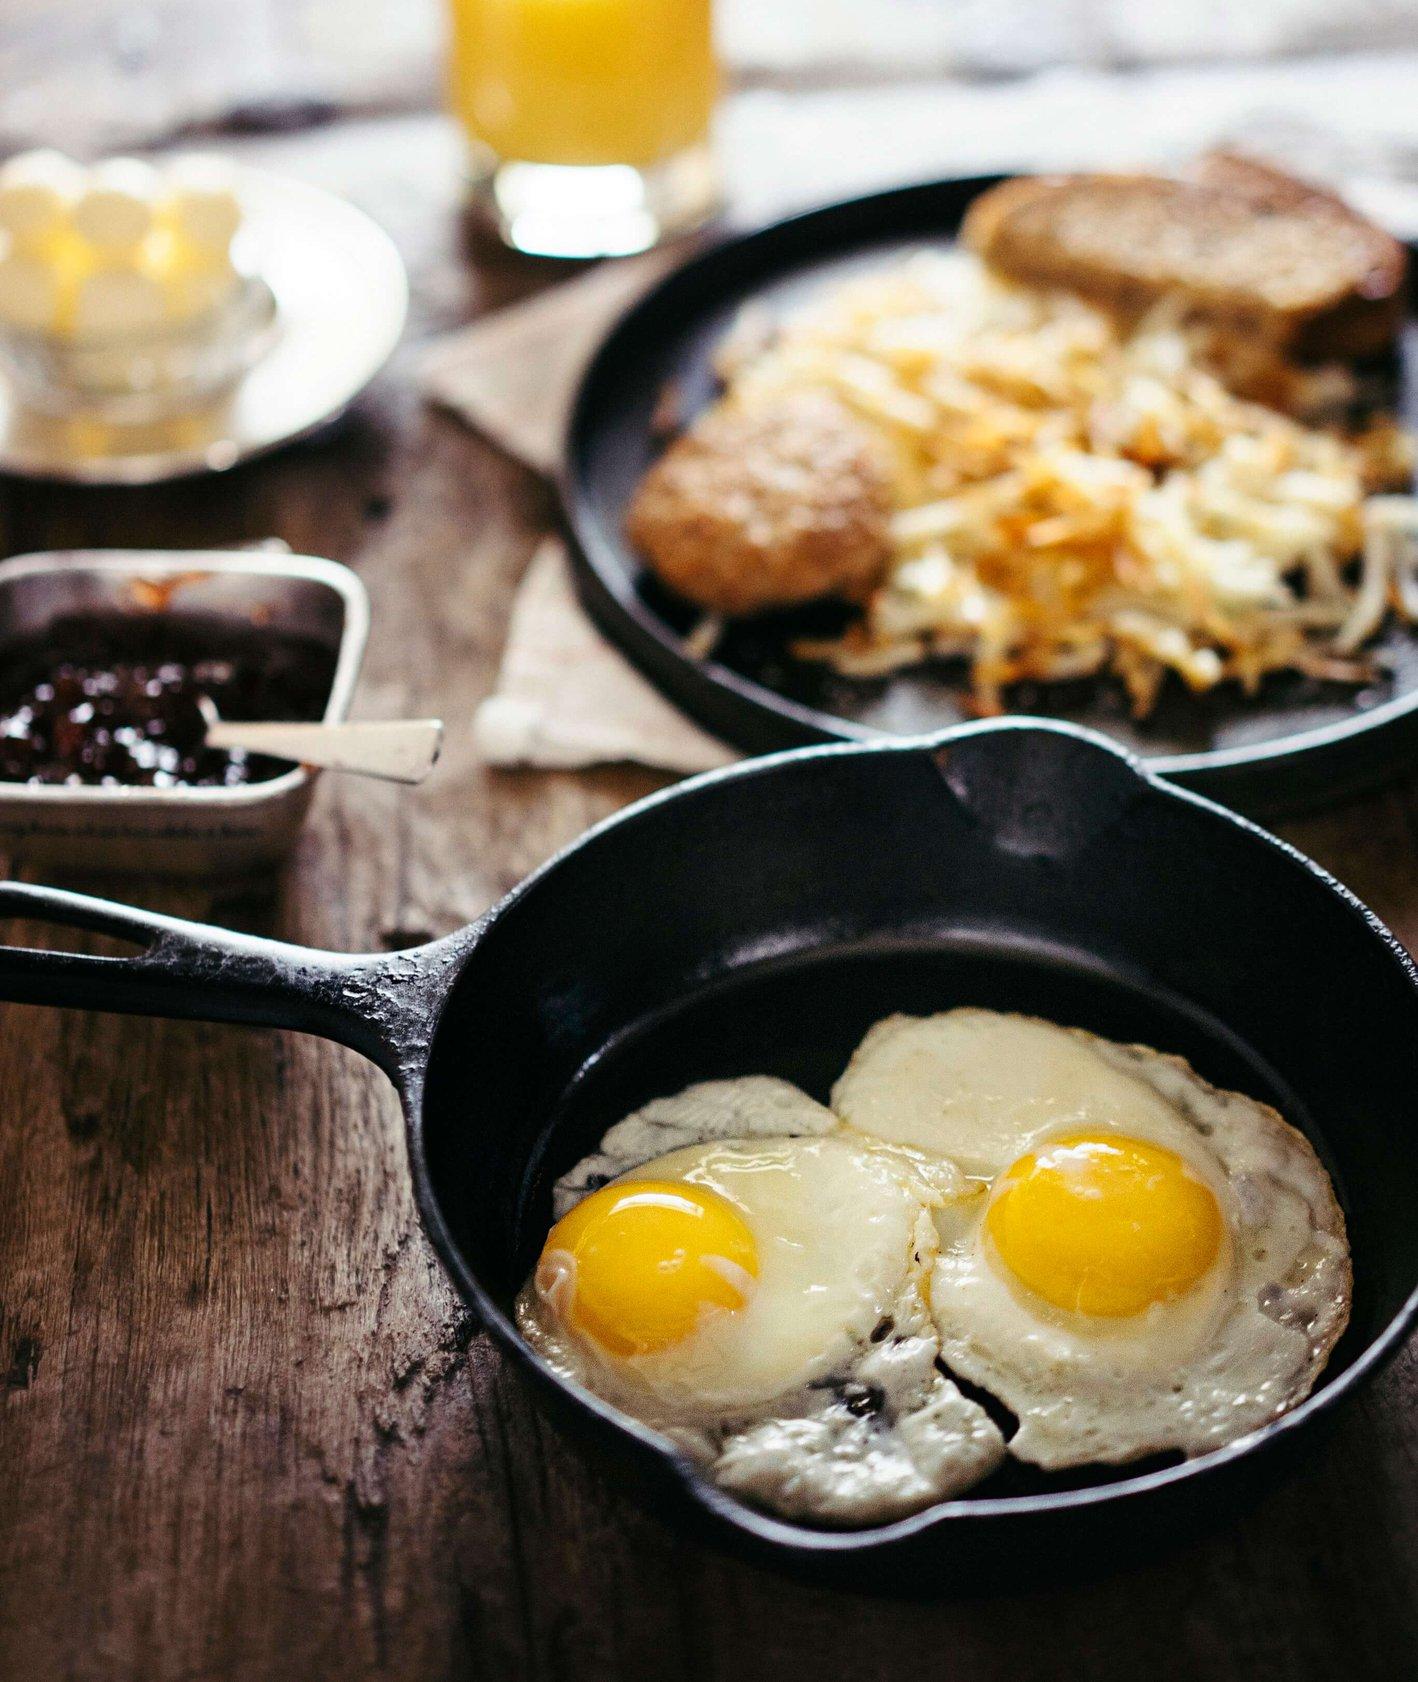 Jaki tłuszcz najlepiej nadaje się do smażenia?